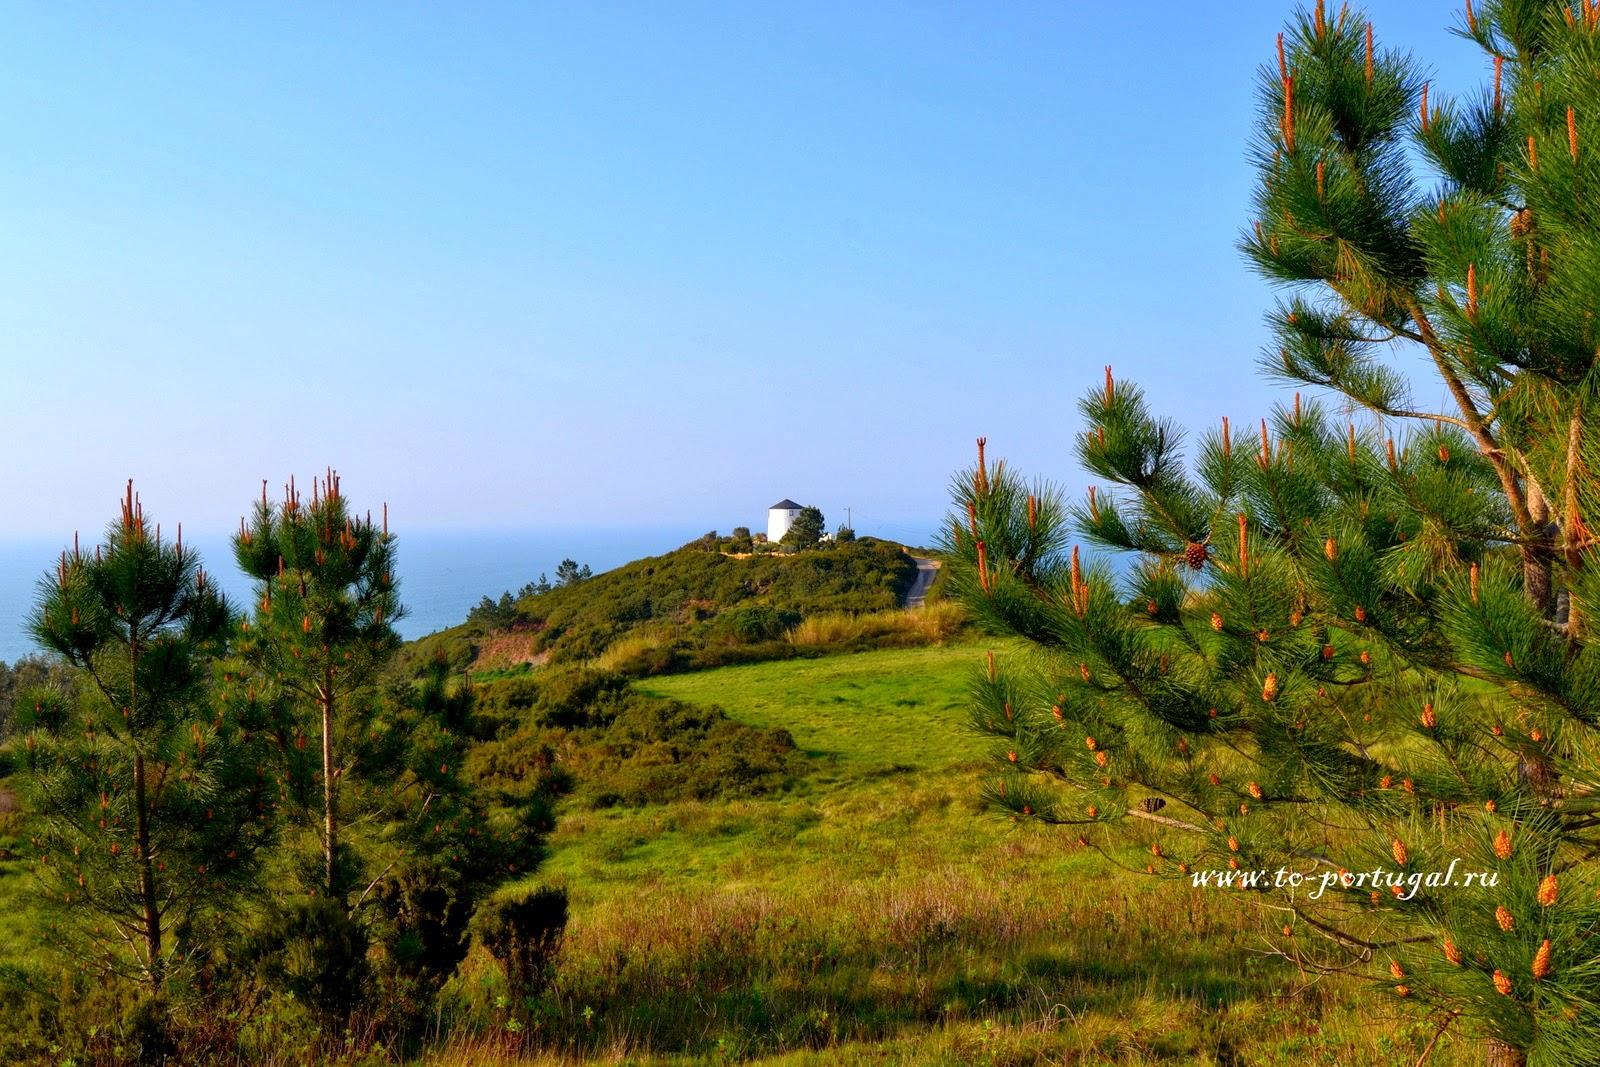 португальская природа